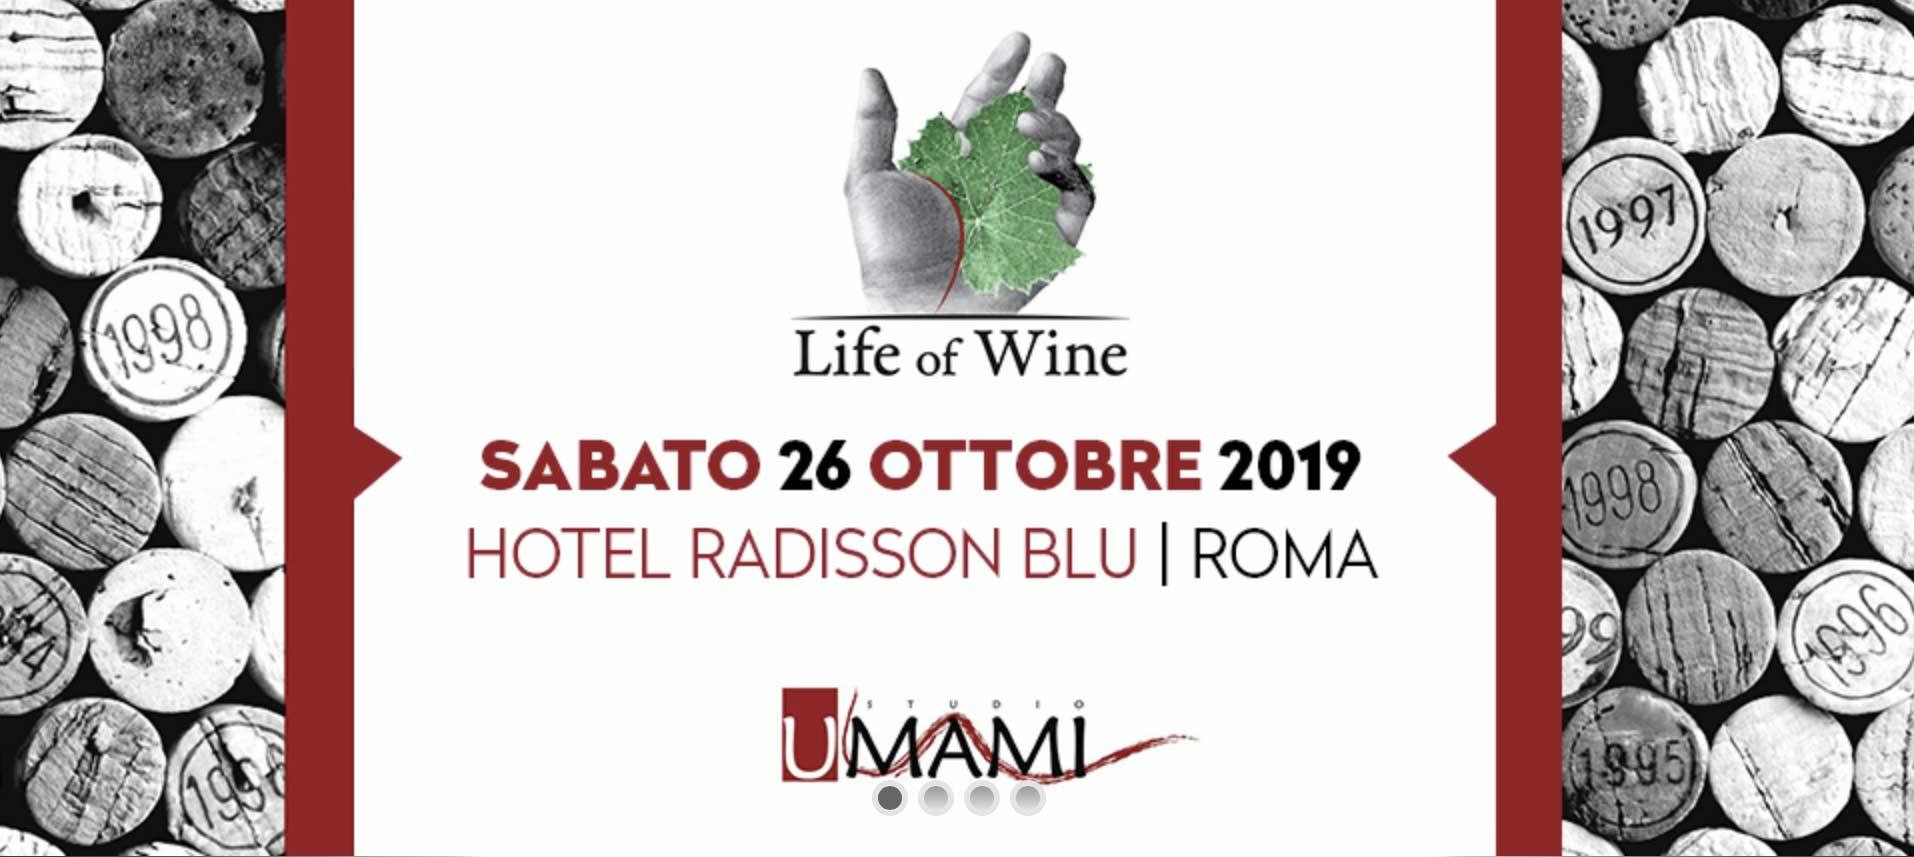 life-of-wine2019